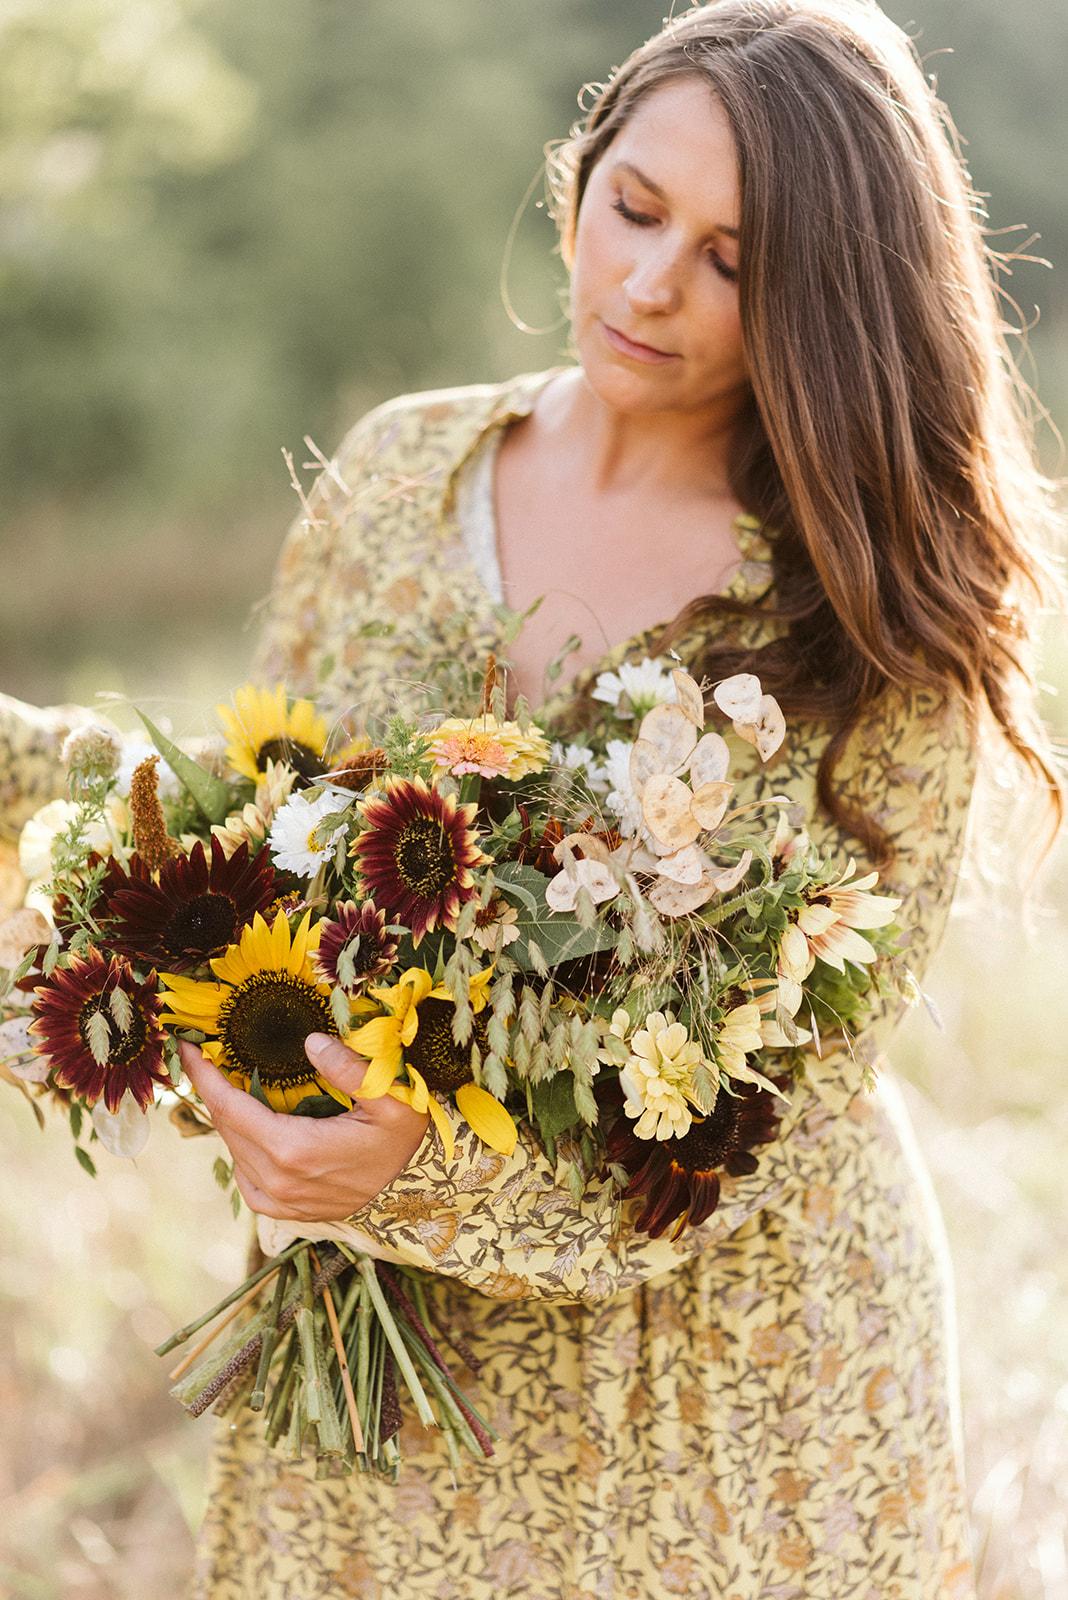 Hemlock_Hellebore_Sunflowers-40.jpg